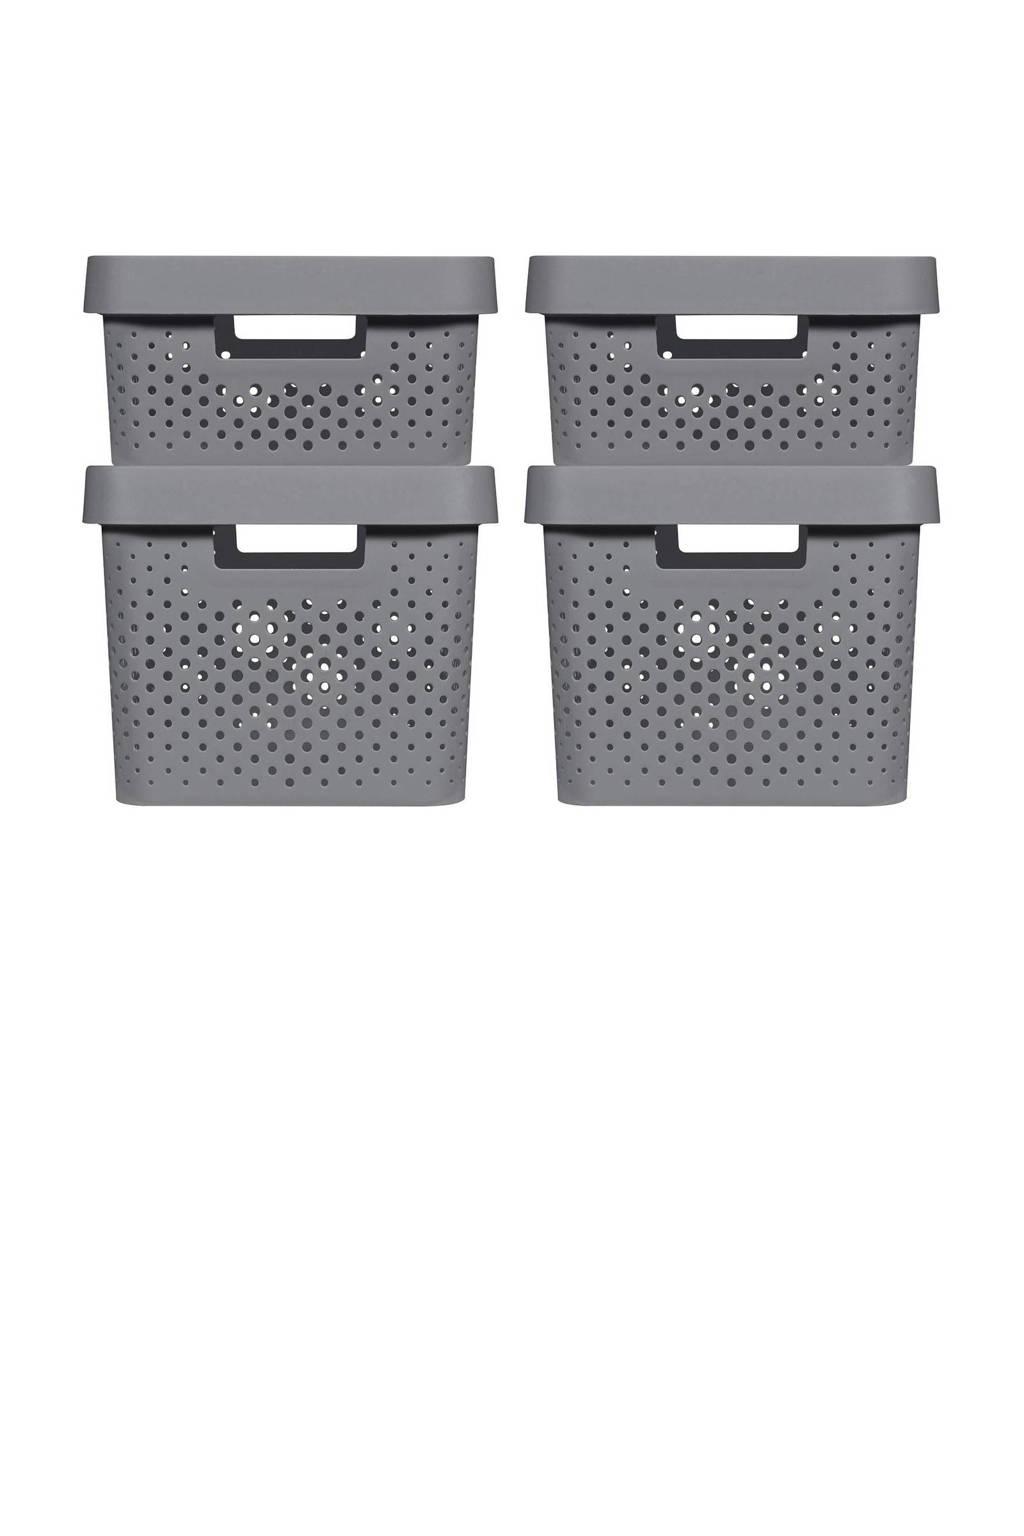 Curver opbergbox (set van 4), Donkergrijs, 39,5x29,5x43